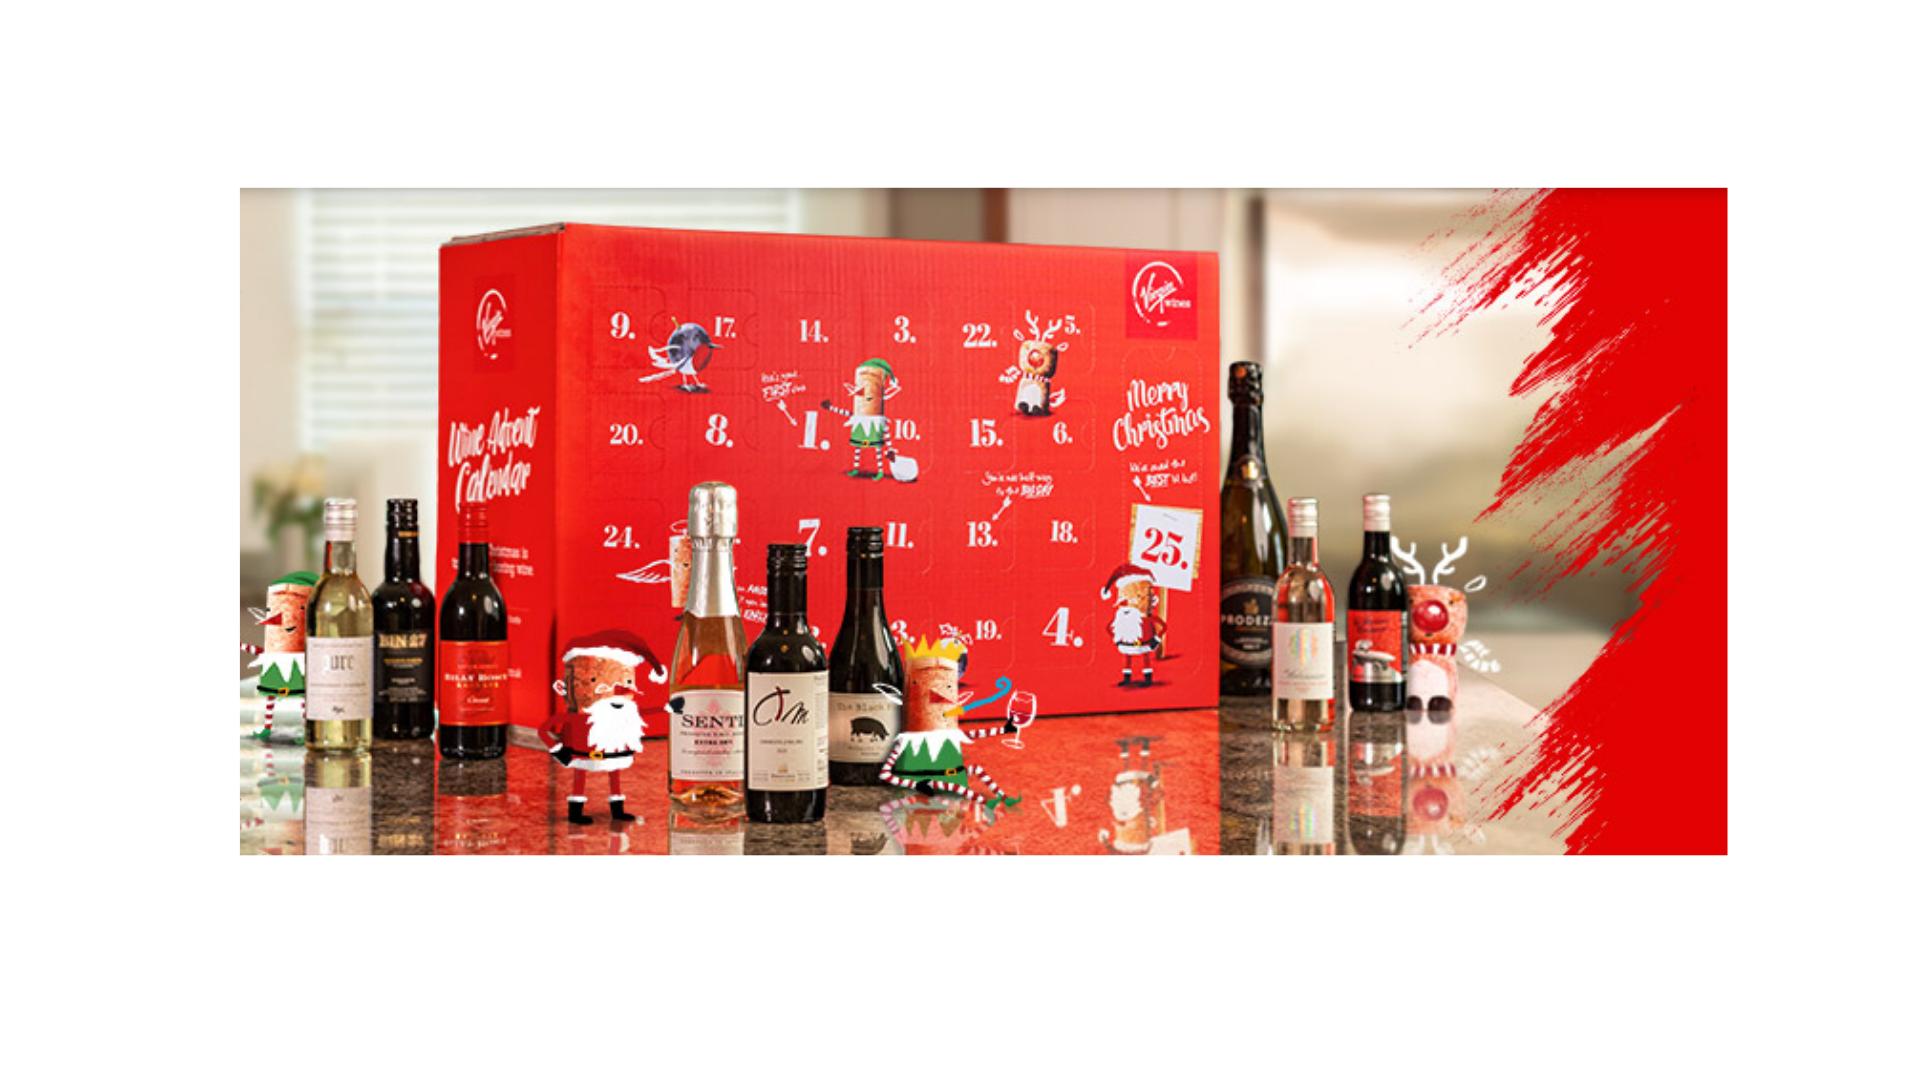 Calendrier de l'avent de Virgin Wines 2021